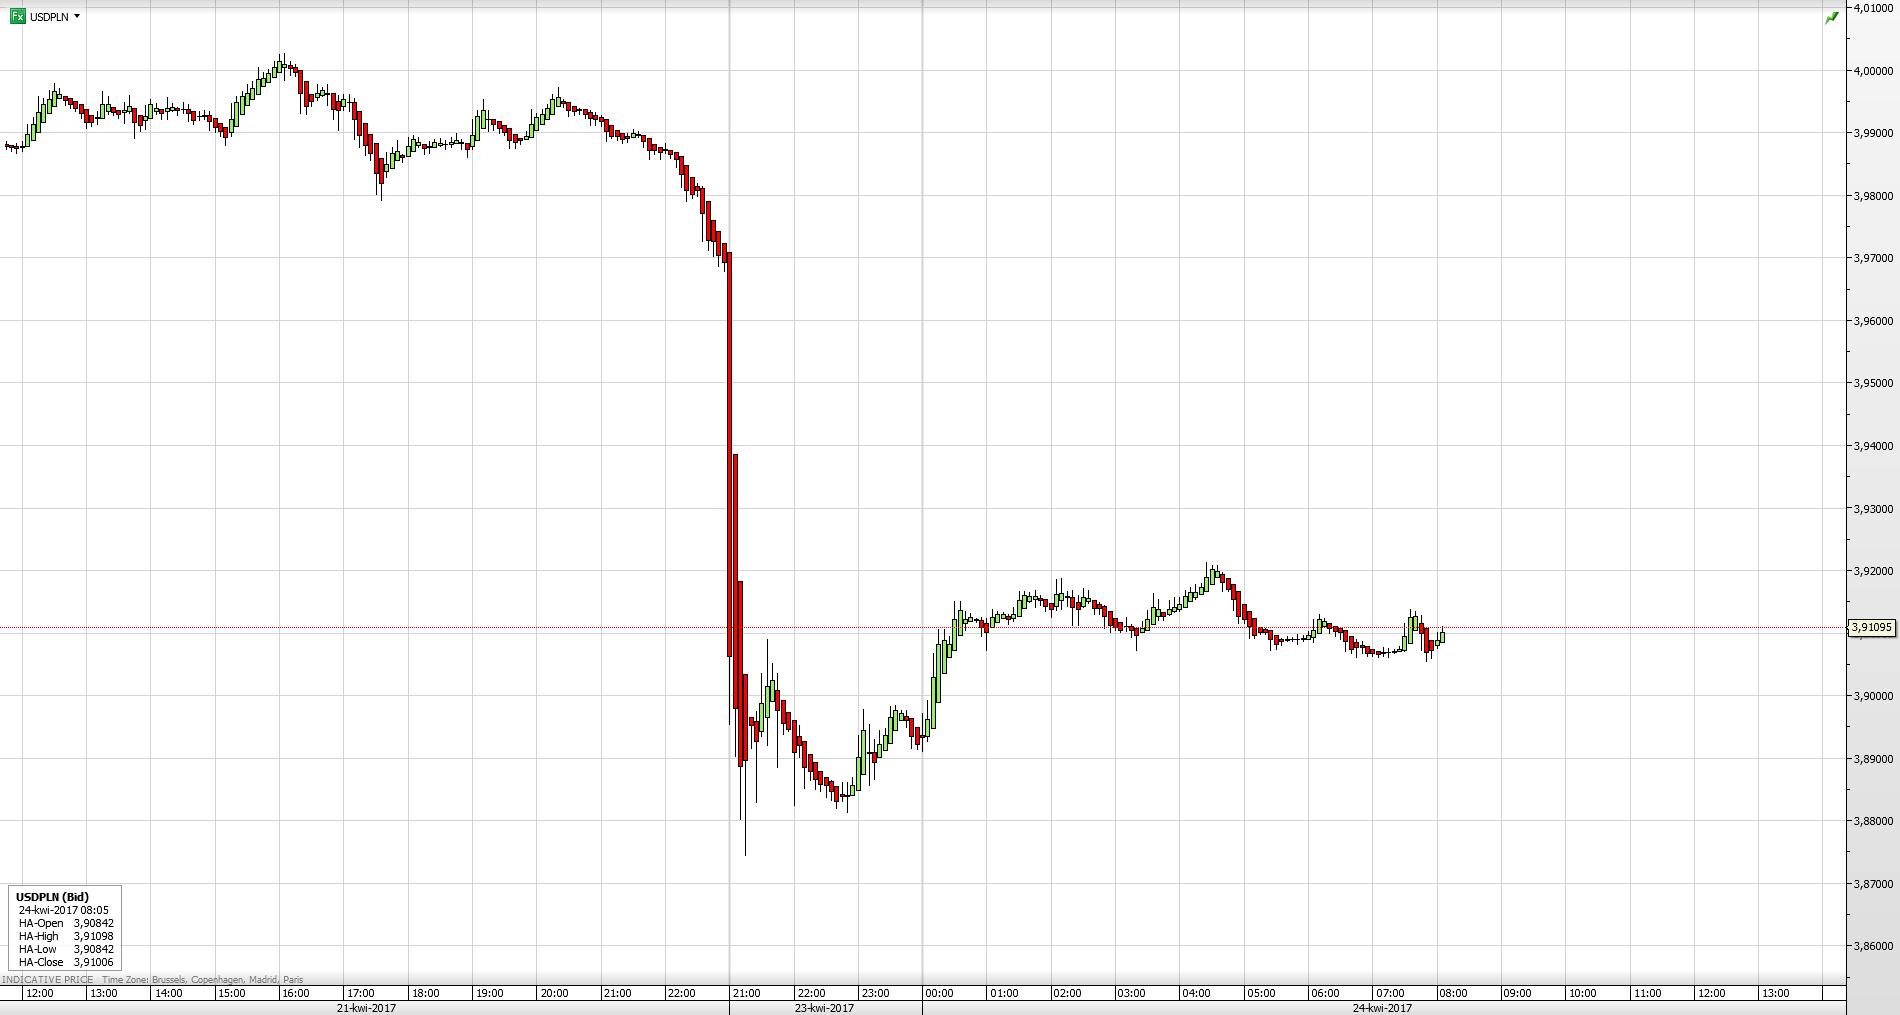 Reakcja pary walutowej USD/PLN na wyniki pierwszej tury wyborów prezydenckich we Francji